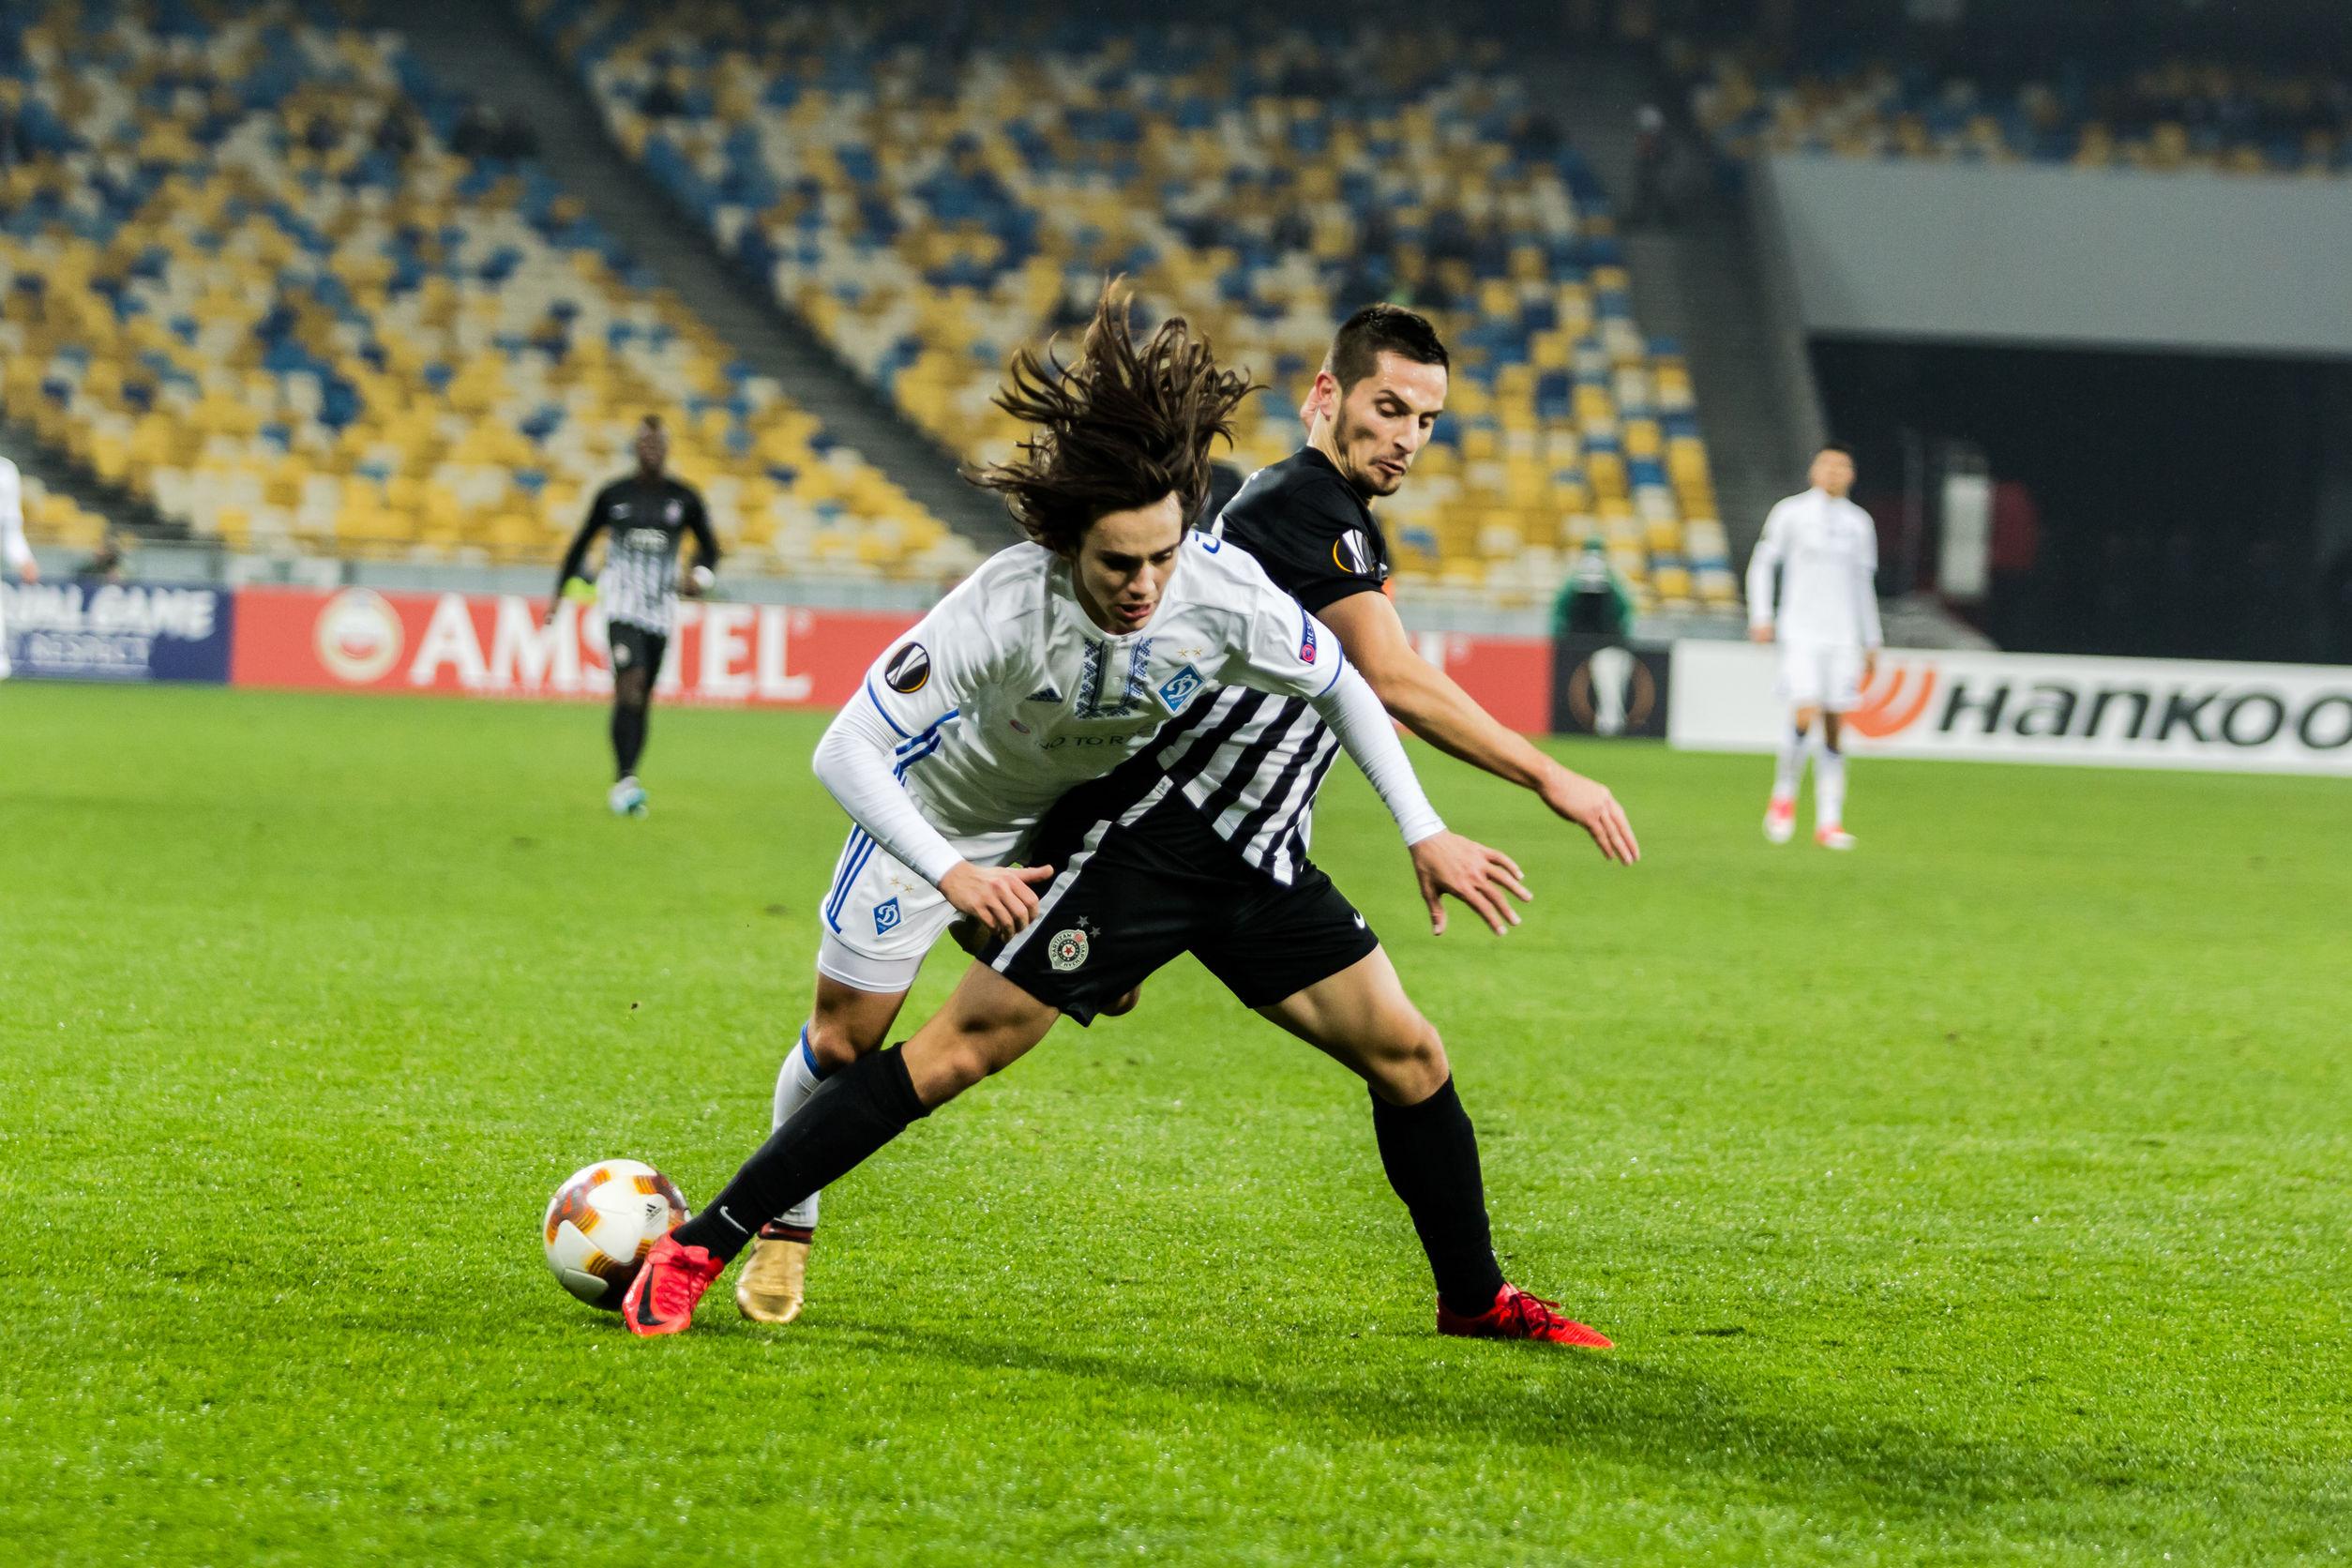 Egy fekete és fehér csíkos focista nyújtott lábbal el gáncsol egy fehér mezes focistát.